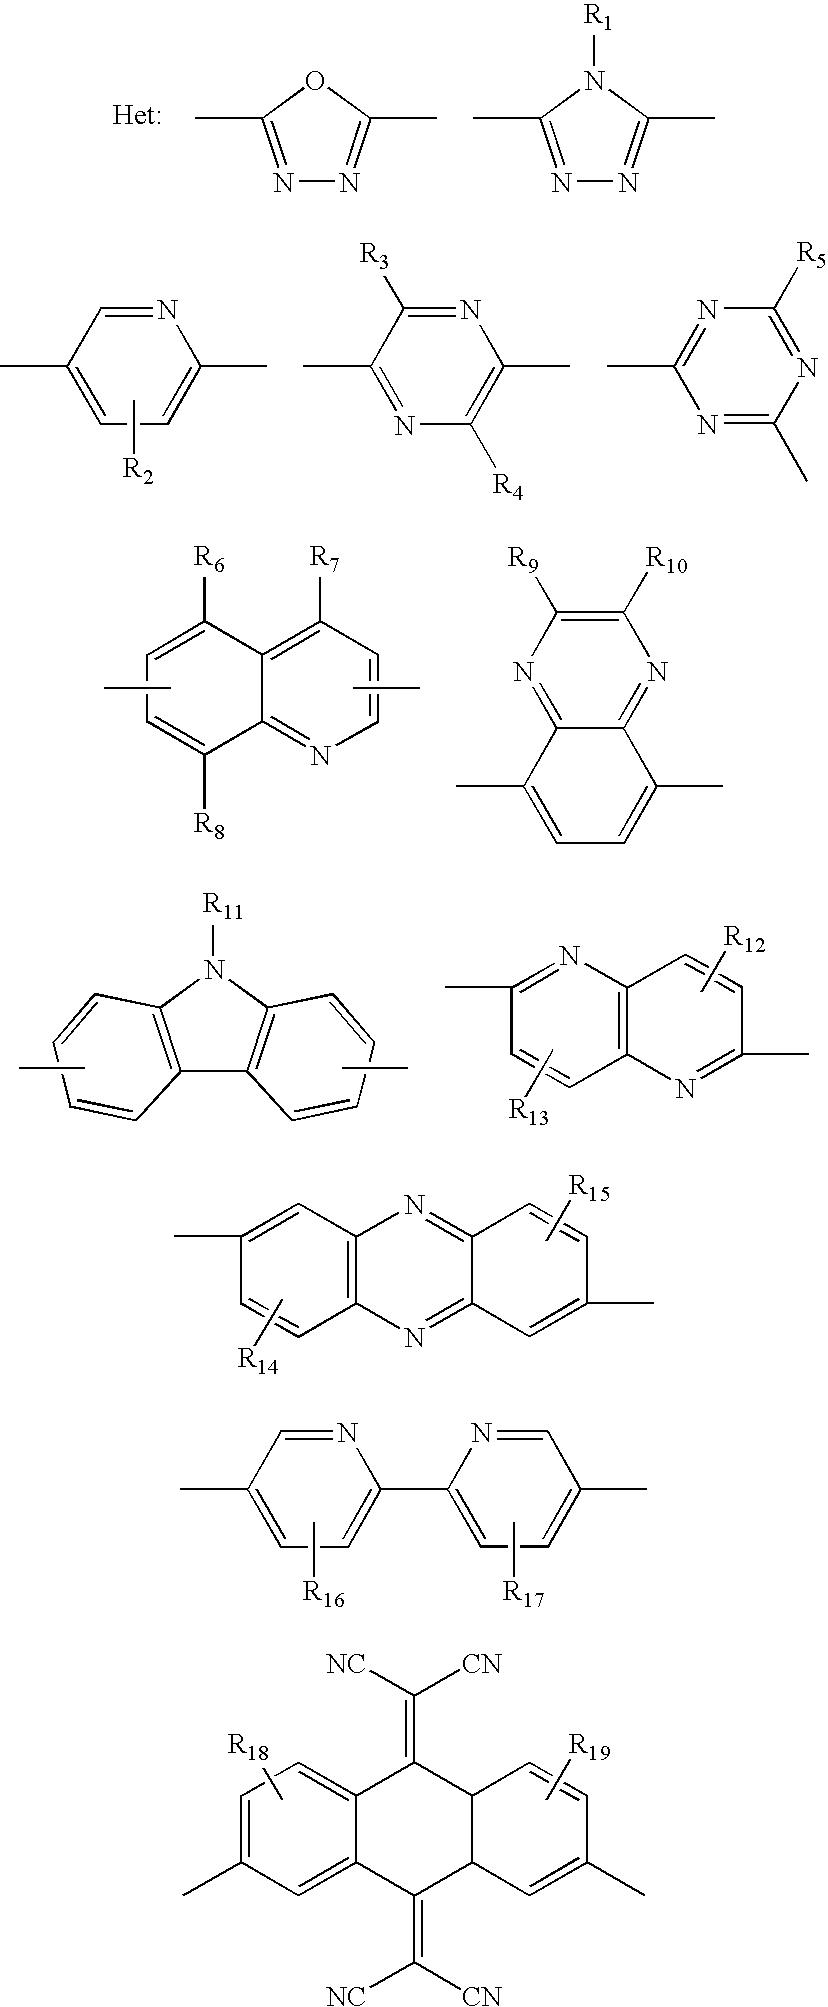 Figure US20050282983A1-20051222-C00003